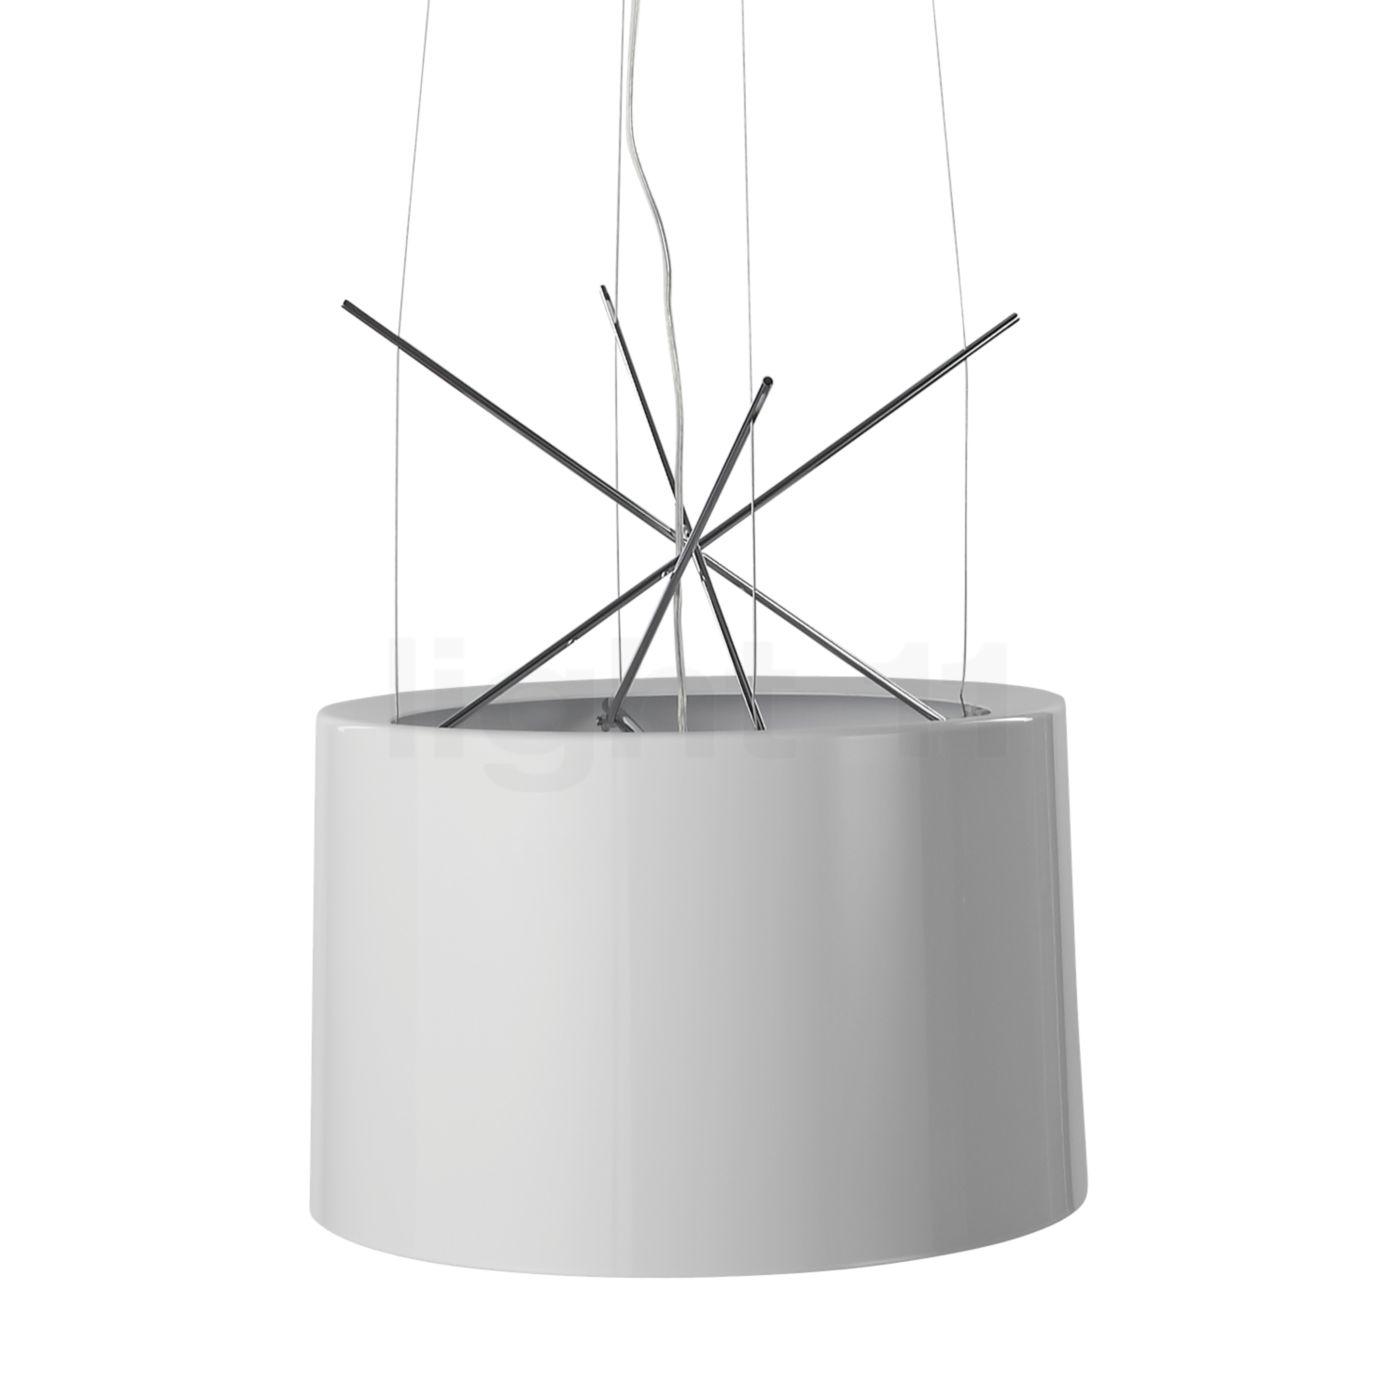 Flos ray s hanglamp kopen op - Suspensio geen externe ikea ...